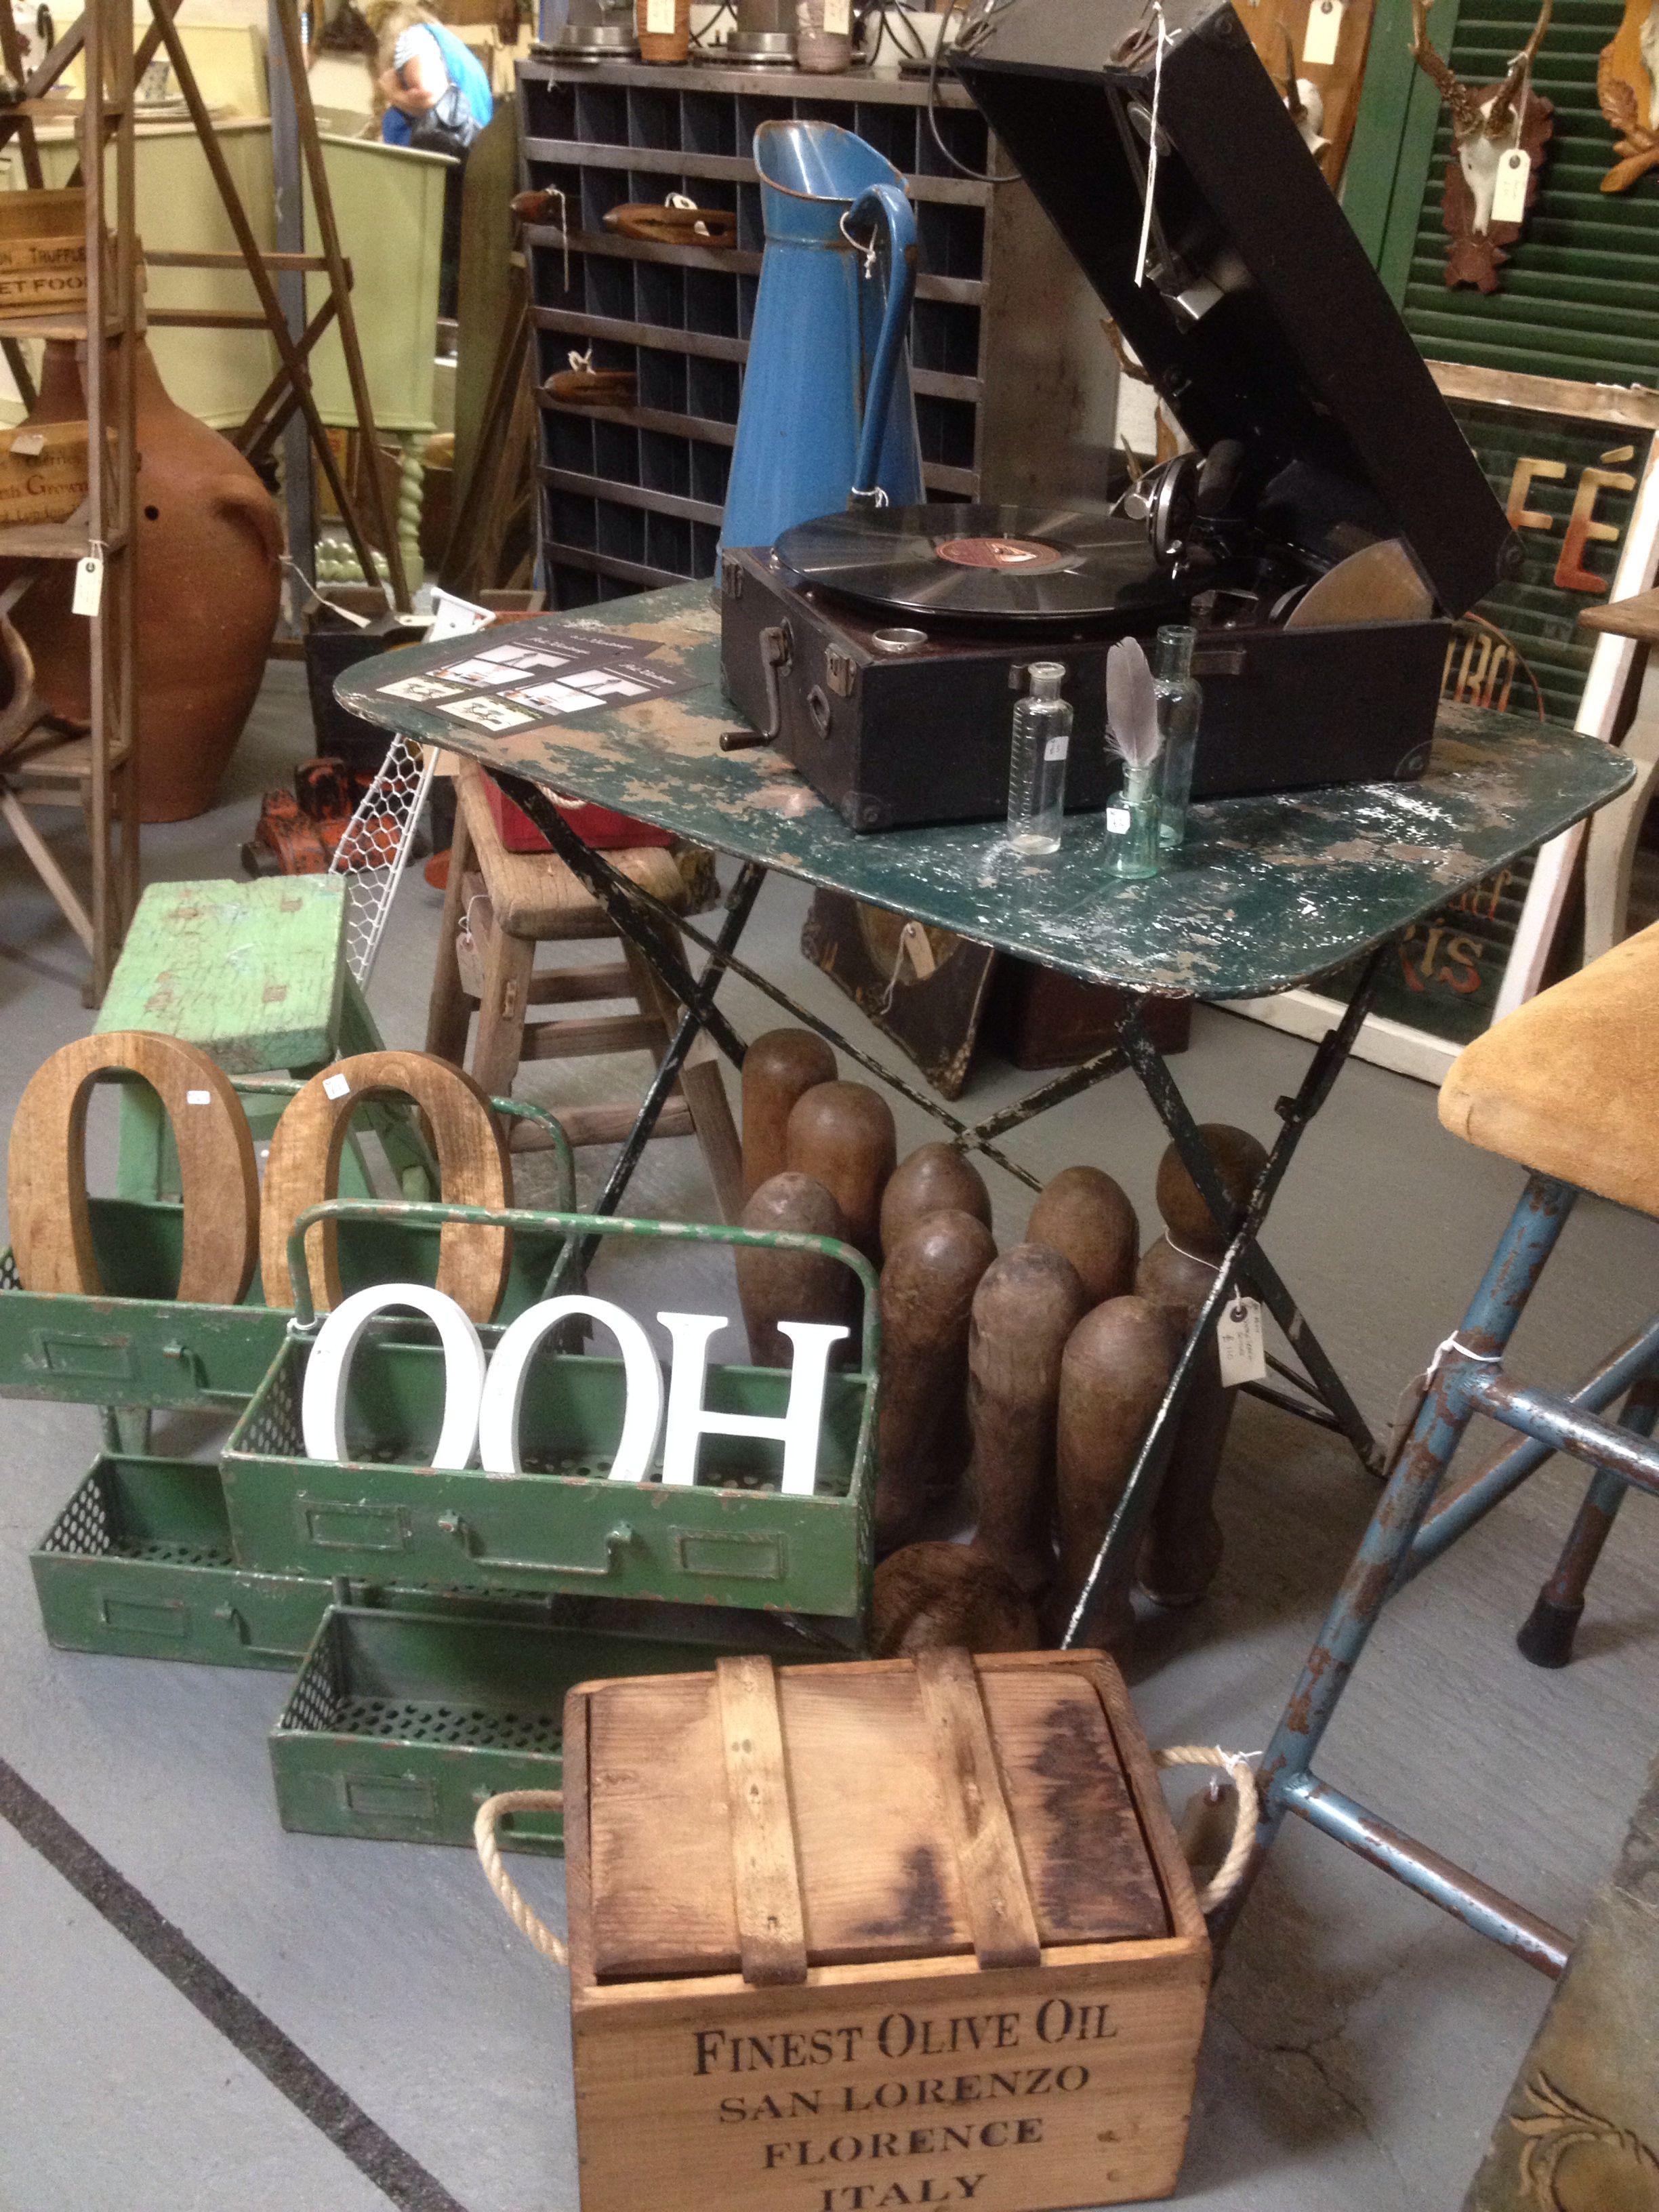 Antiques interiors centre wwwholtantiquesinteriorsco